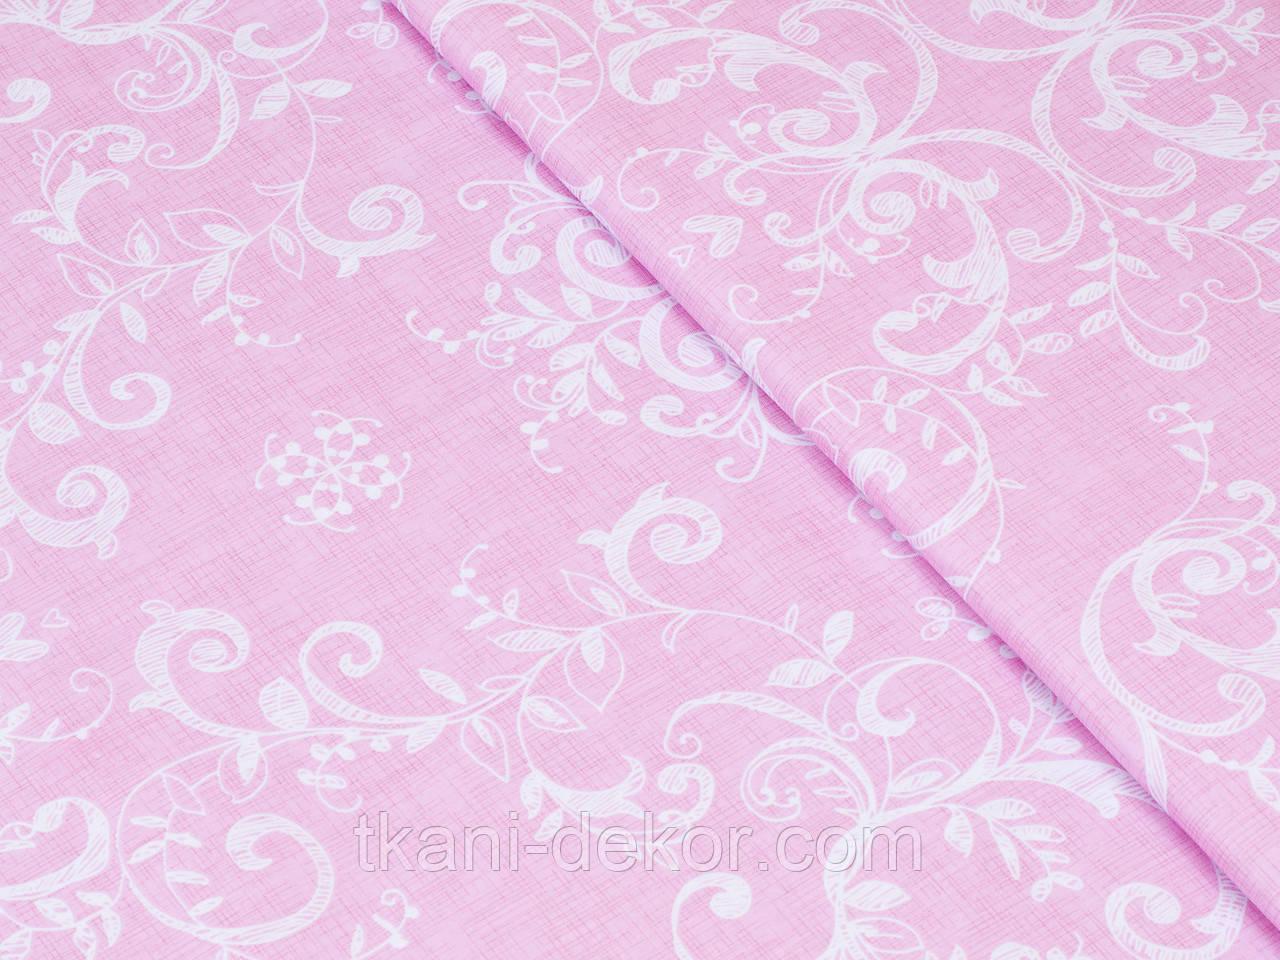 Сатин (хлопковая ткань)  на розовом вензеля